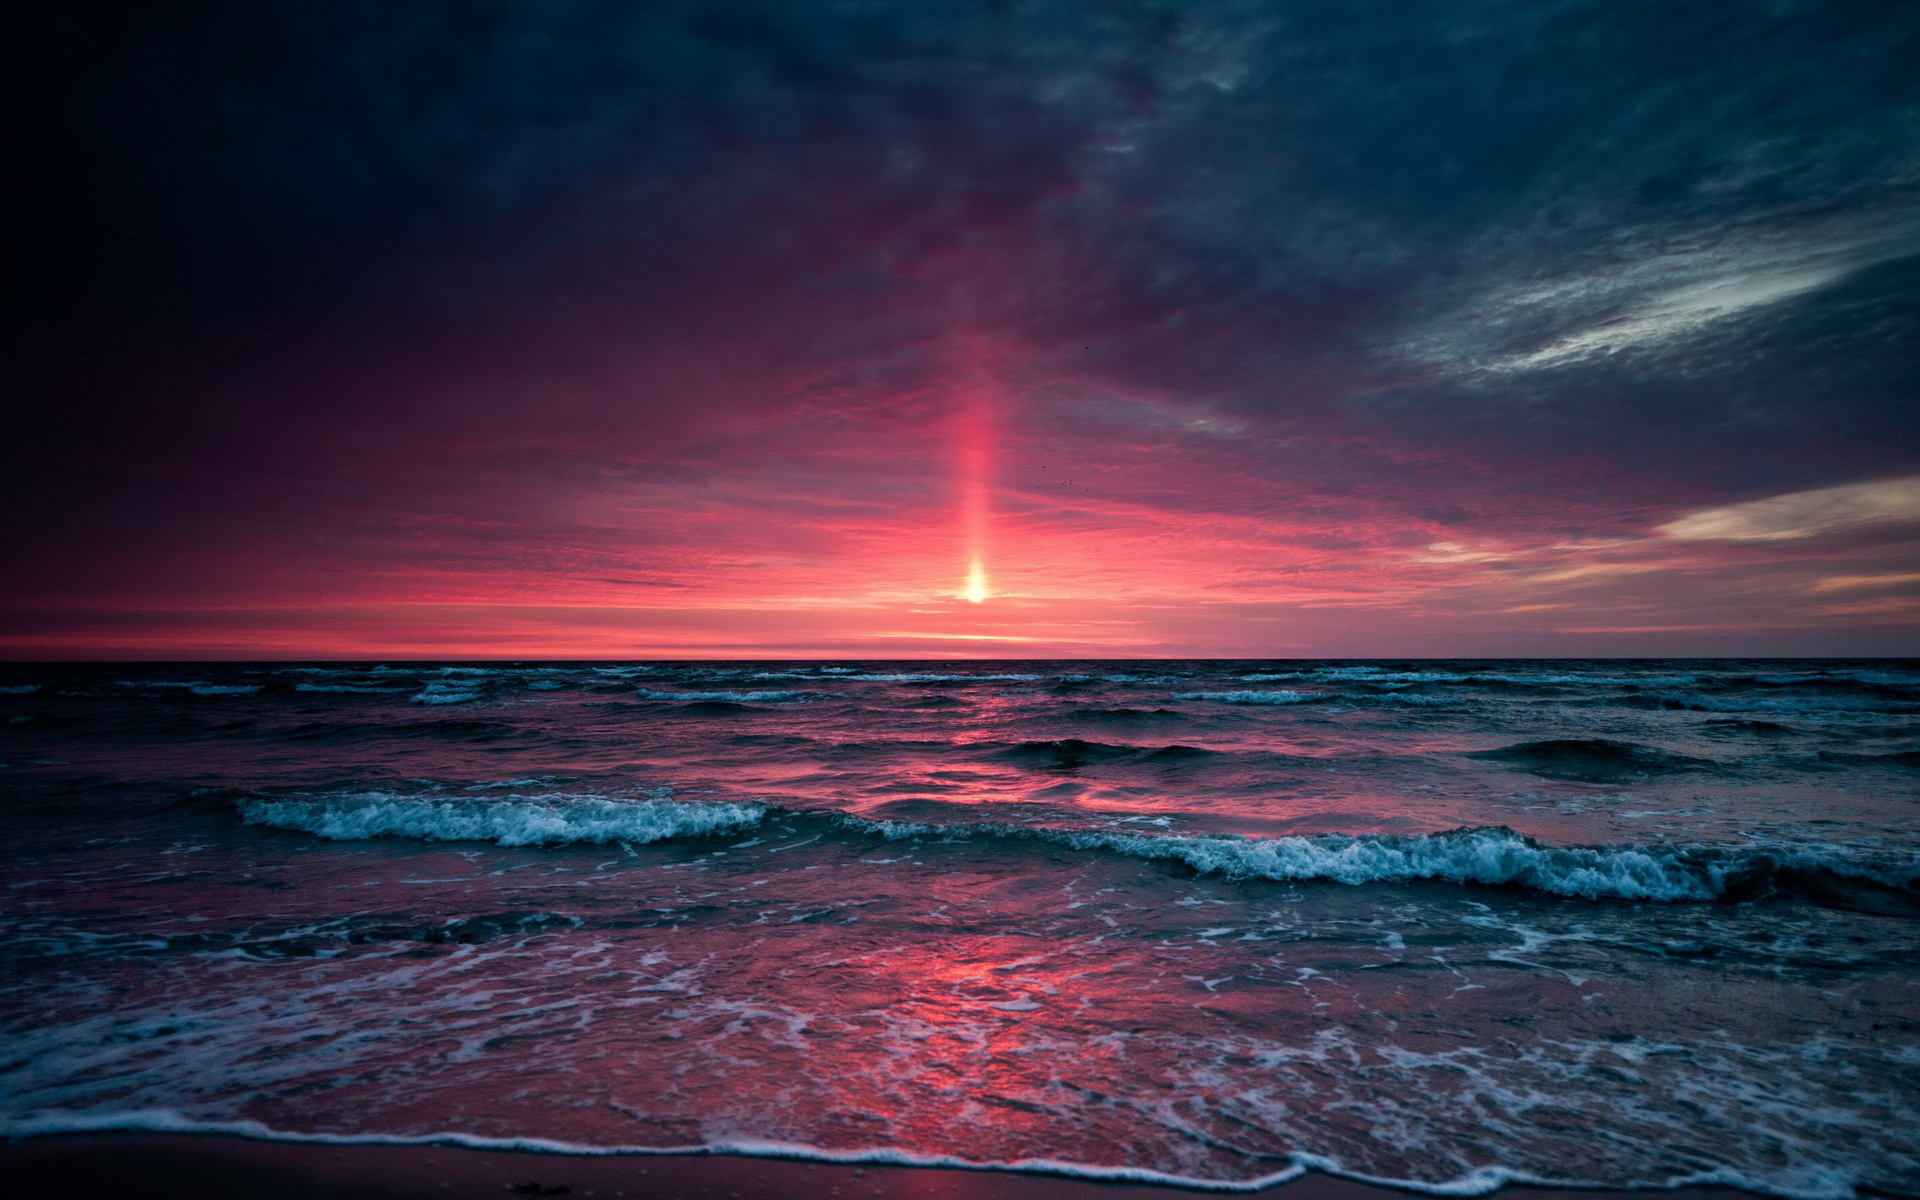 Superb sunset HD wallpaper